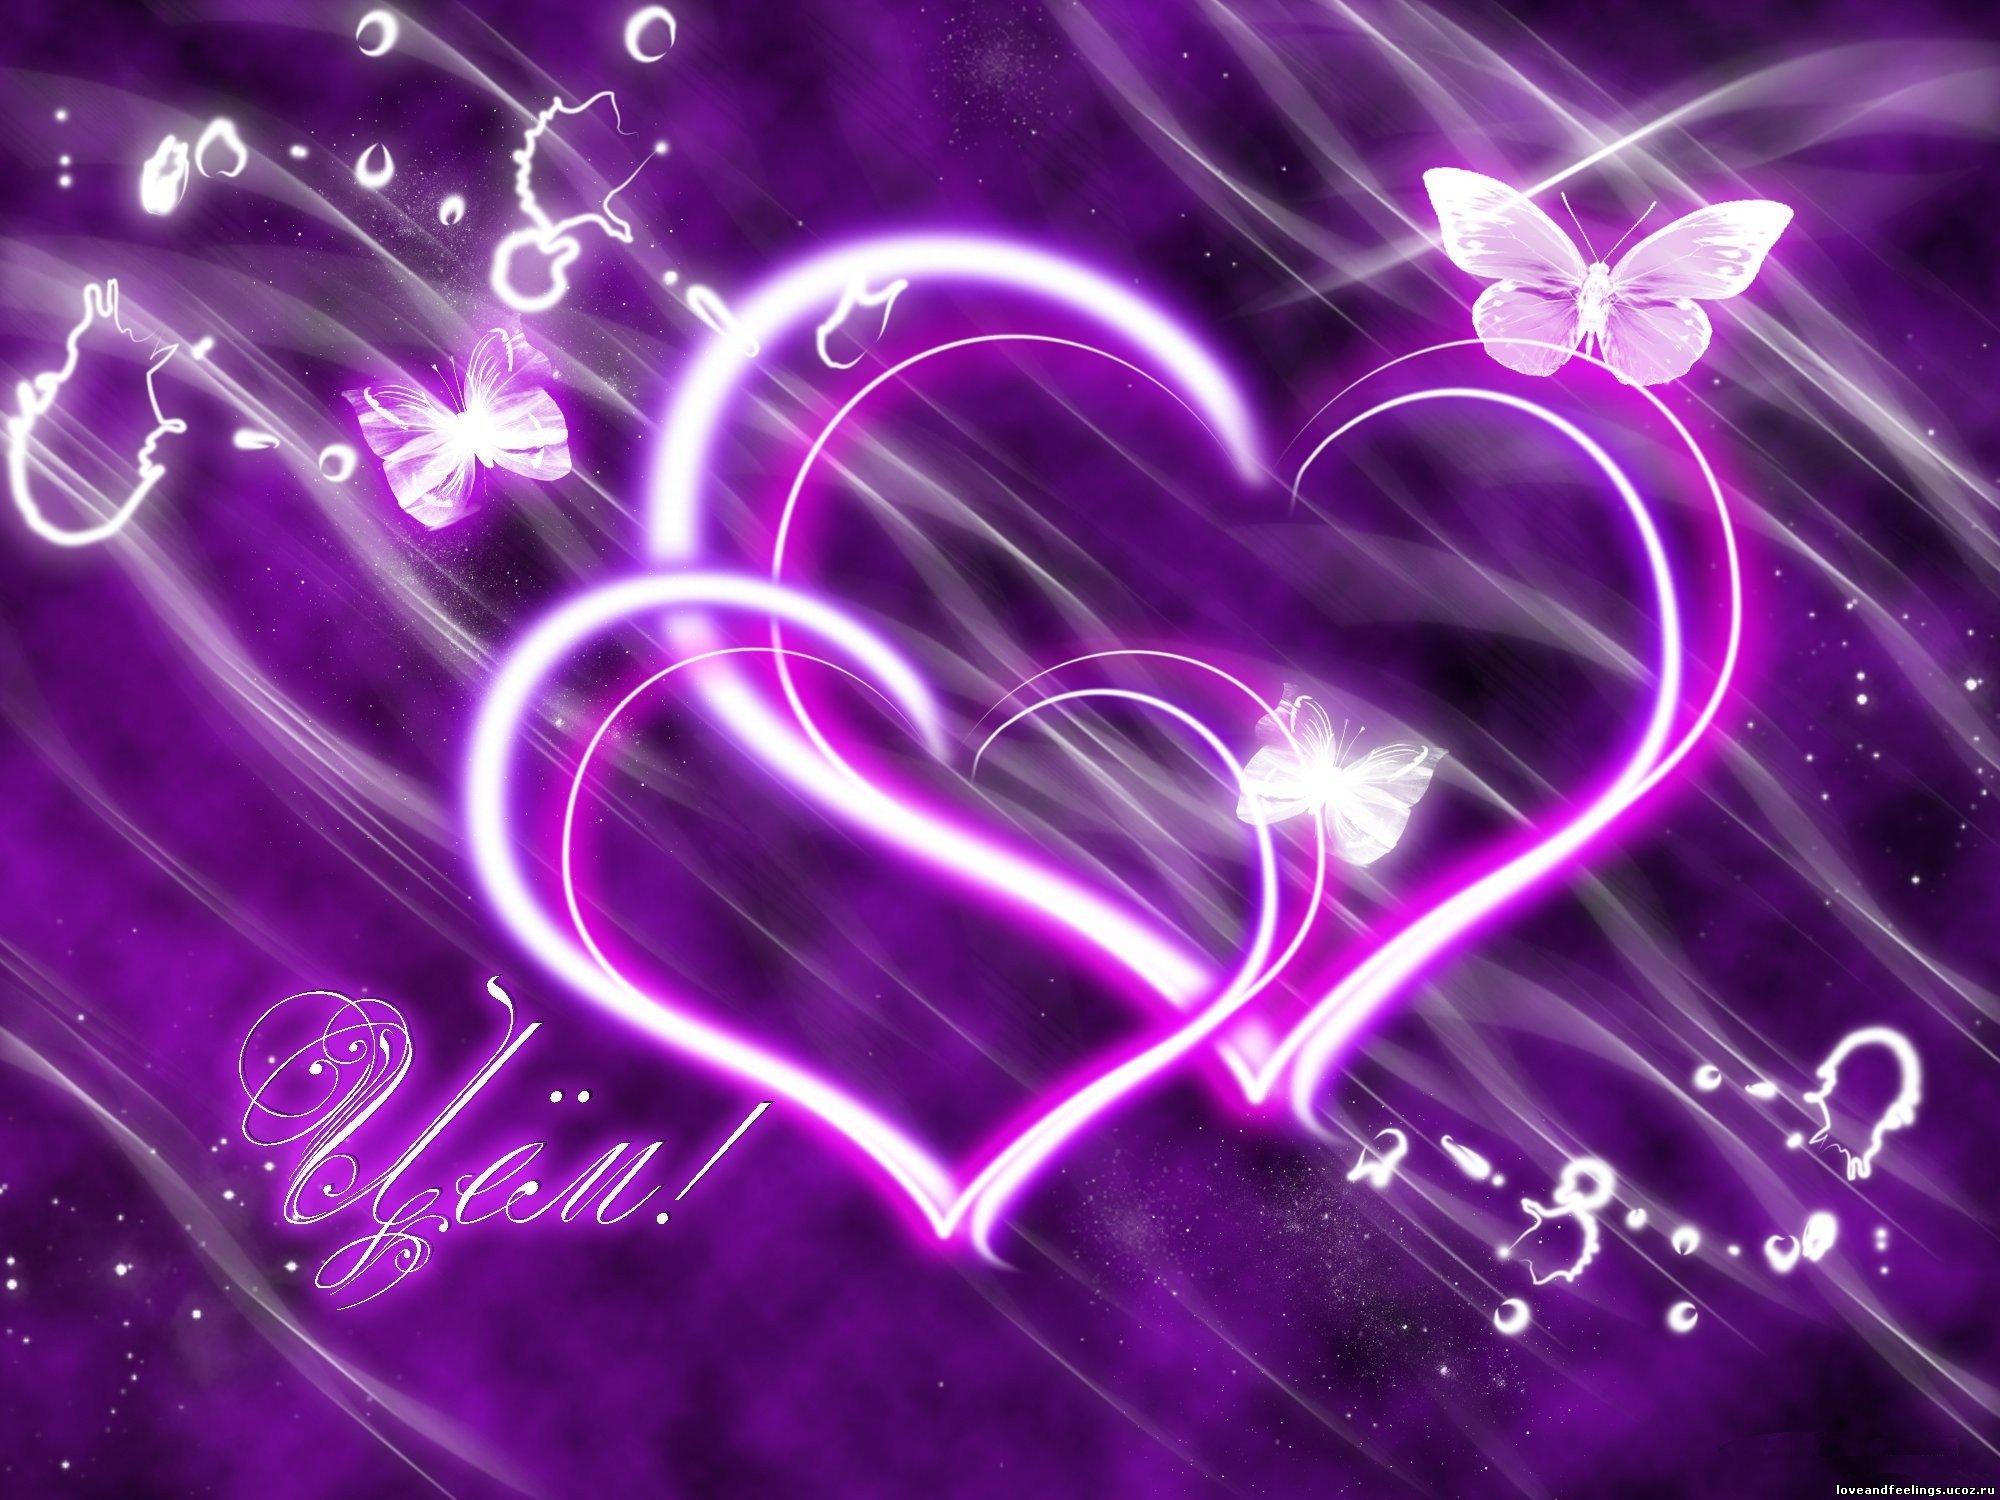 Любовь - это как свежий цемент! Чем больше стоишь, тем труднее.